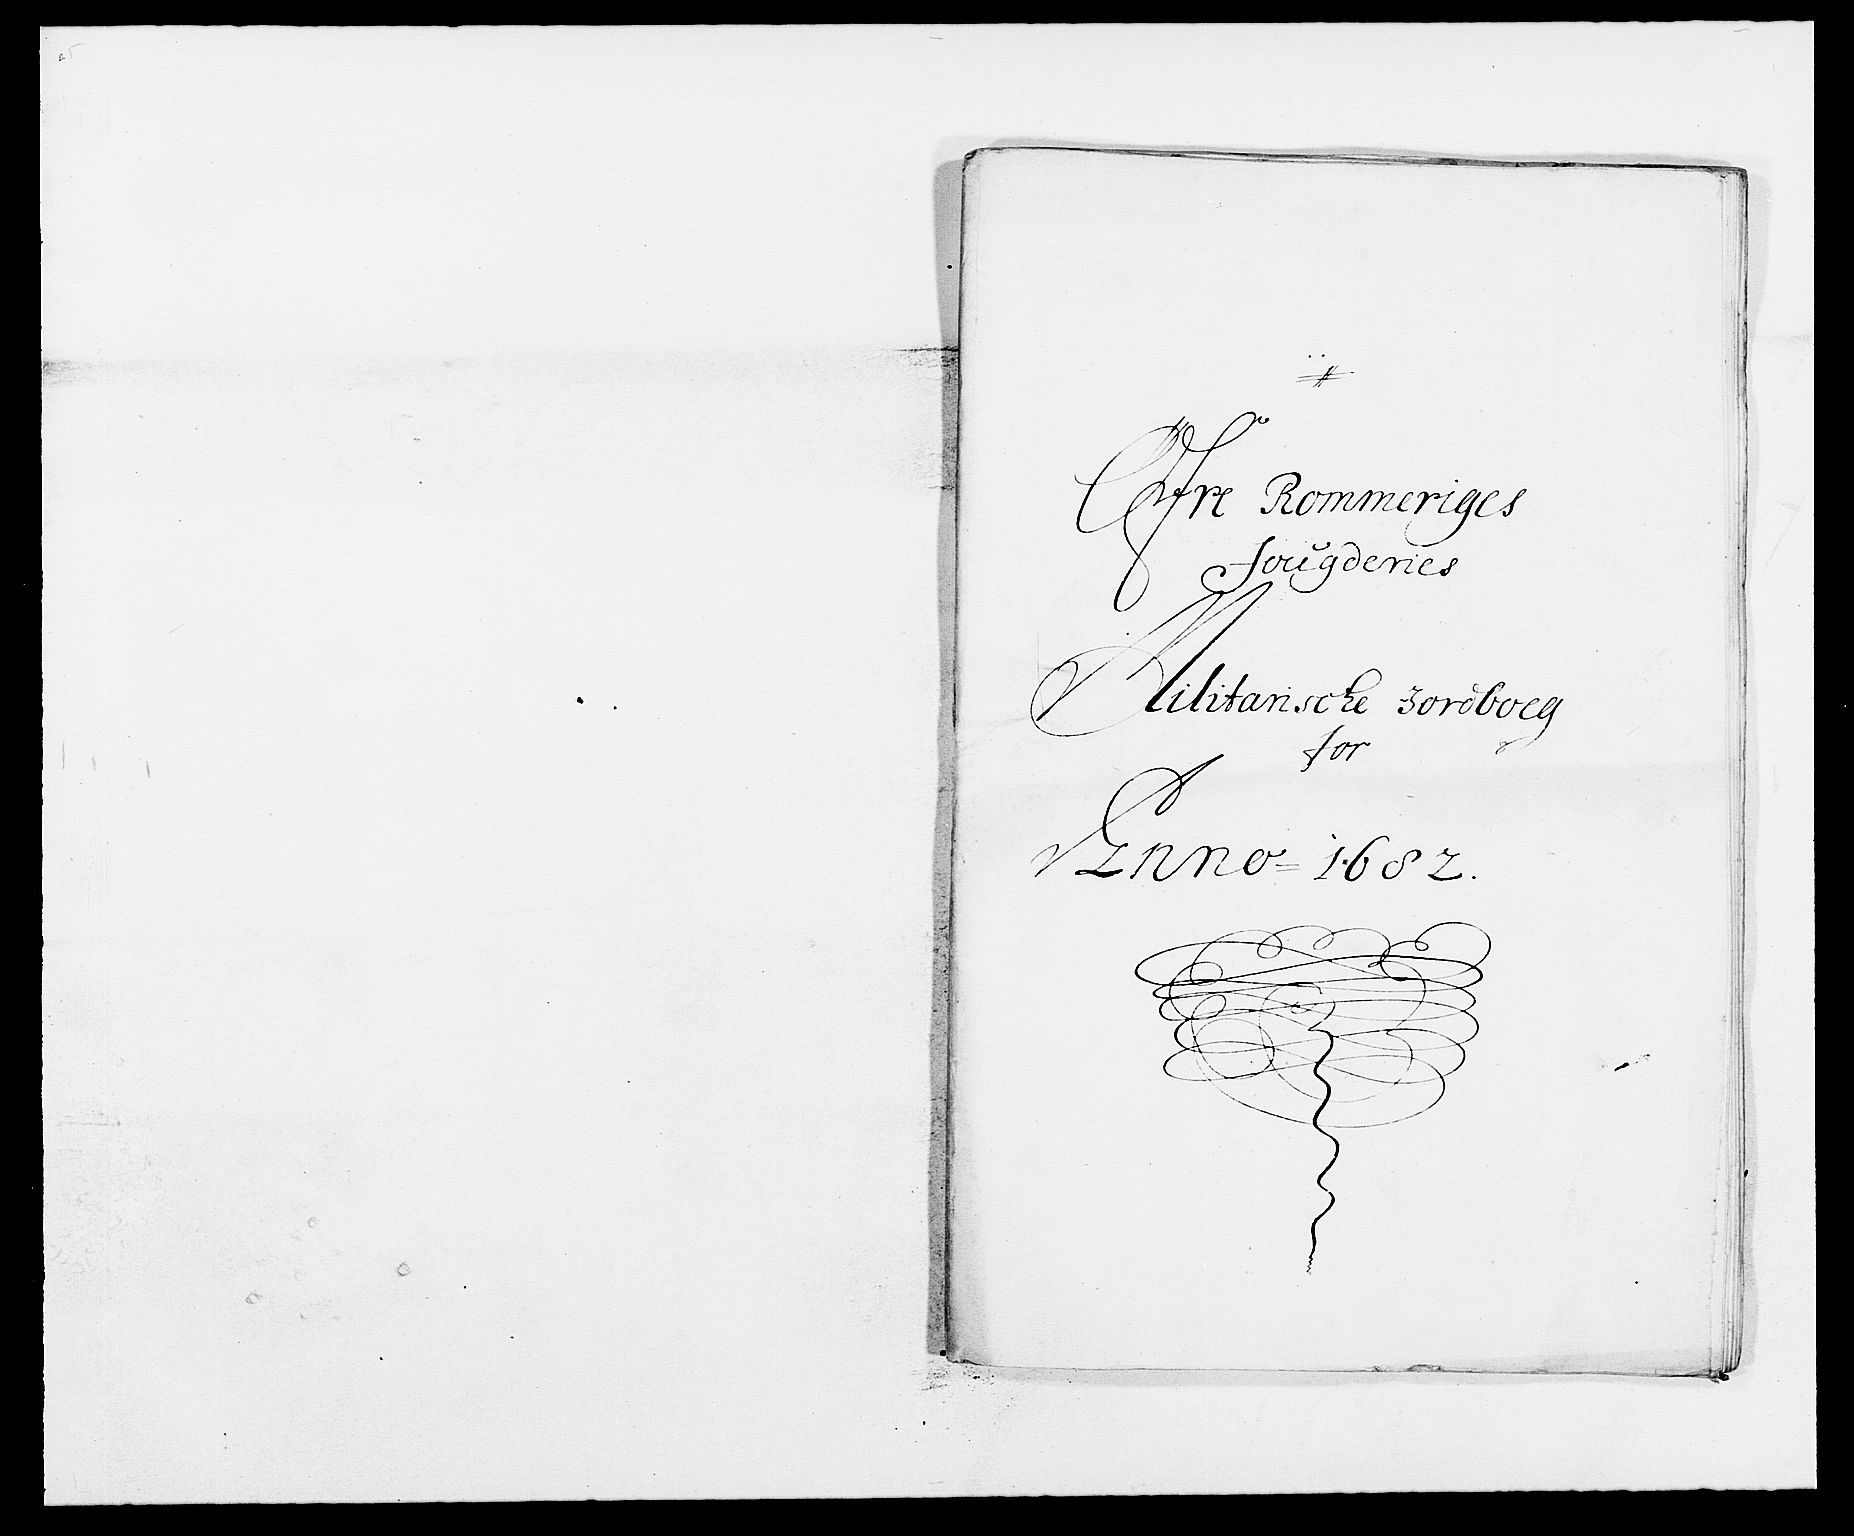 RA, Rentekammeret inntil 1814, Reviderte regnskaper, Fogderegnskap, R12/L0697: Fogderegnskap Øvre Romerike, 1682-1683, s. 220